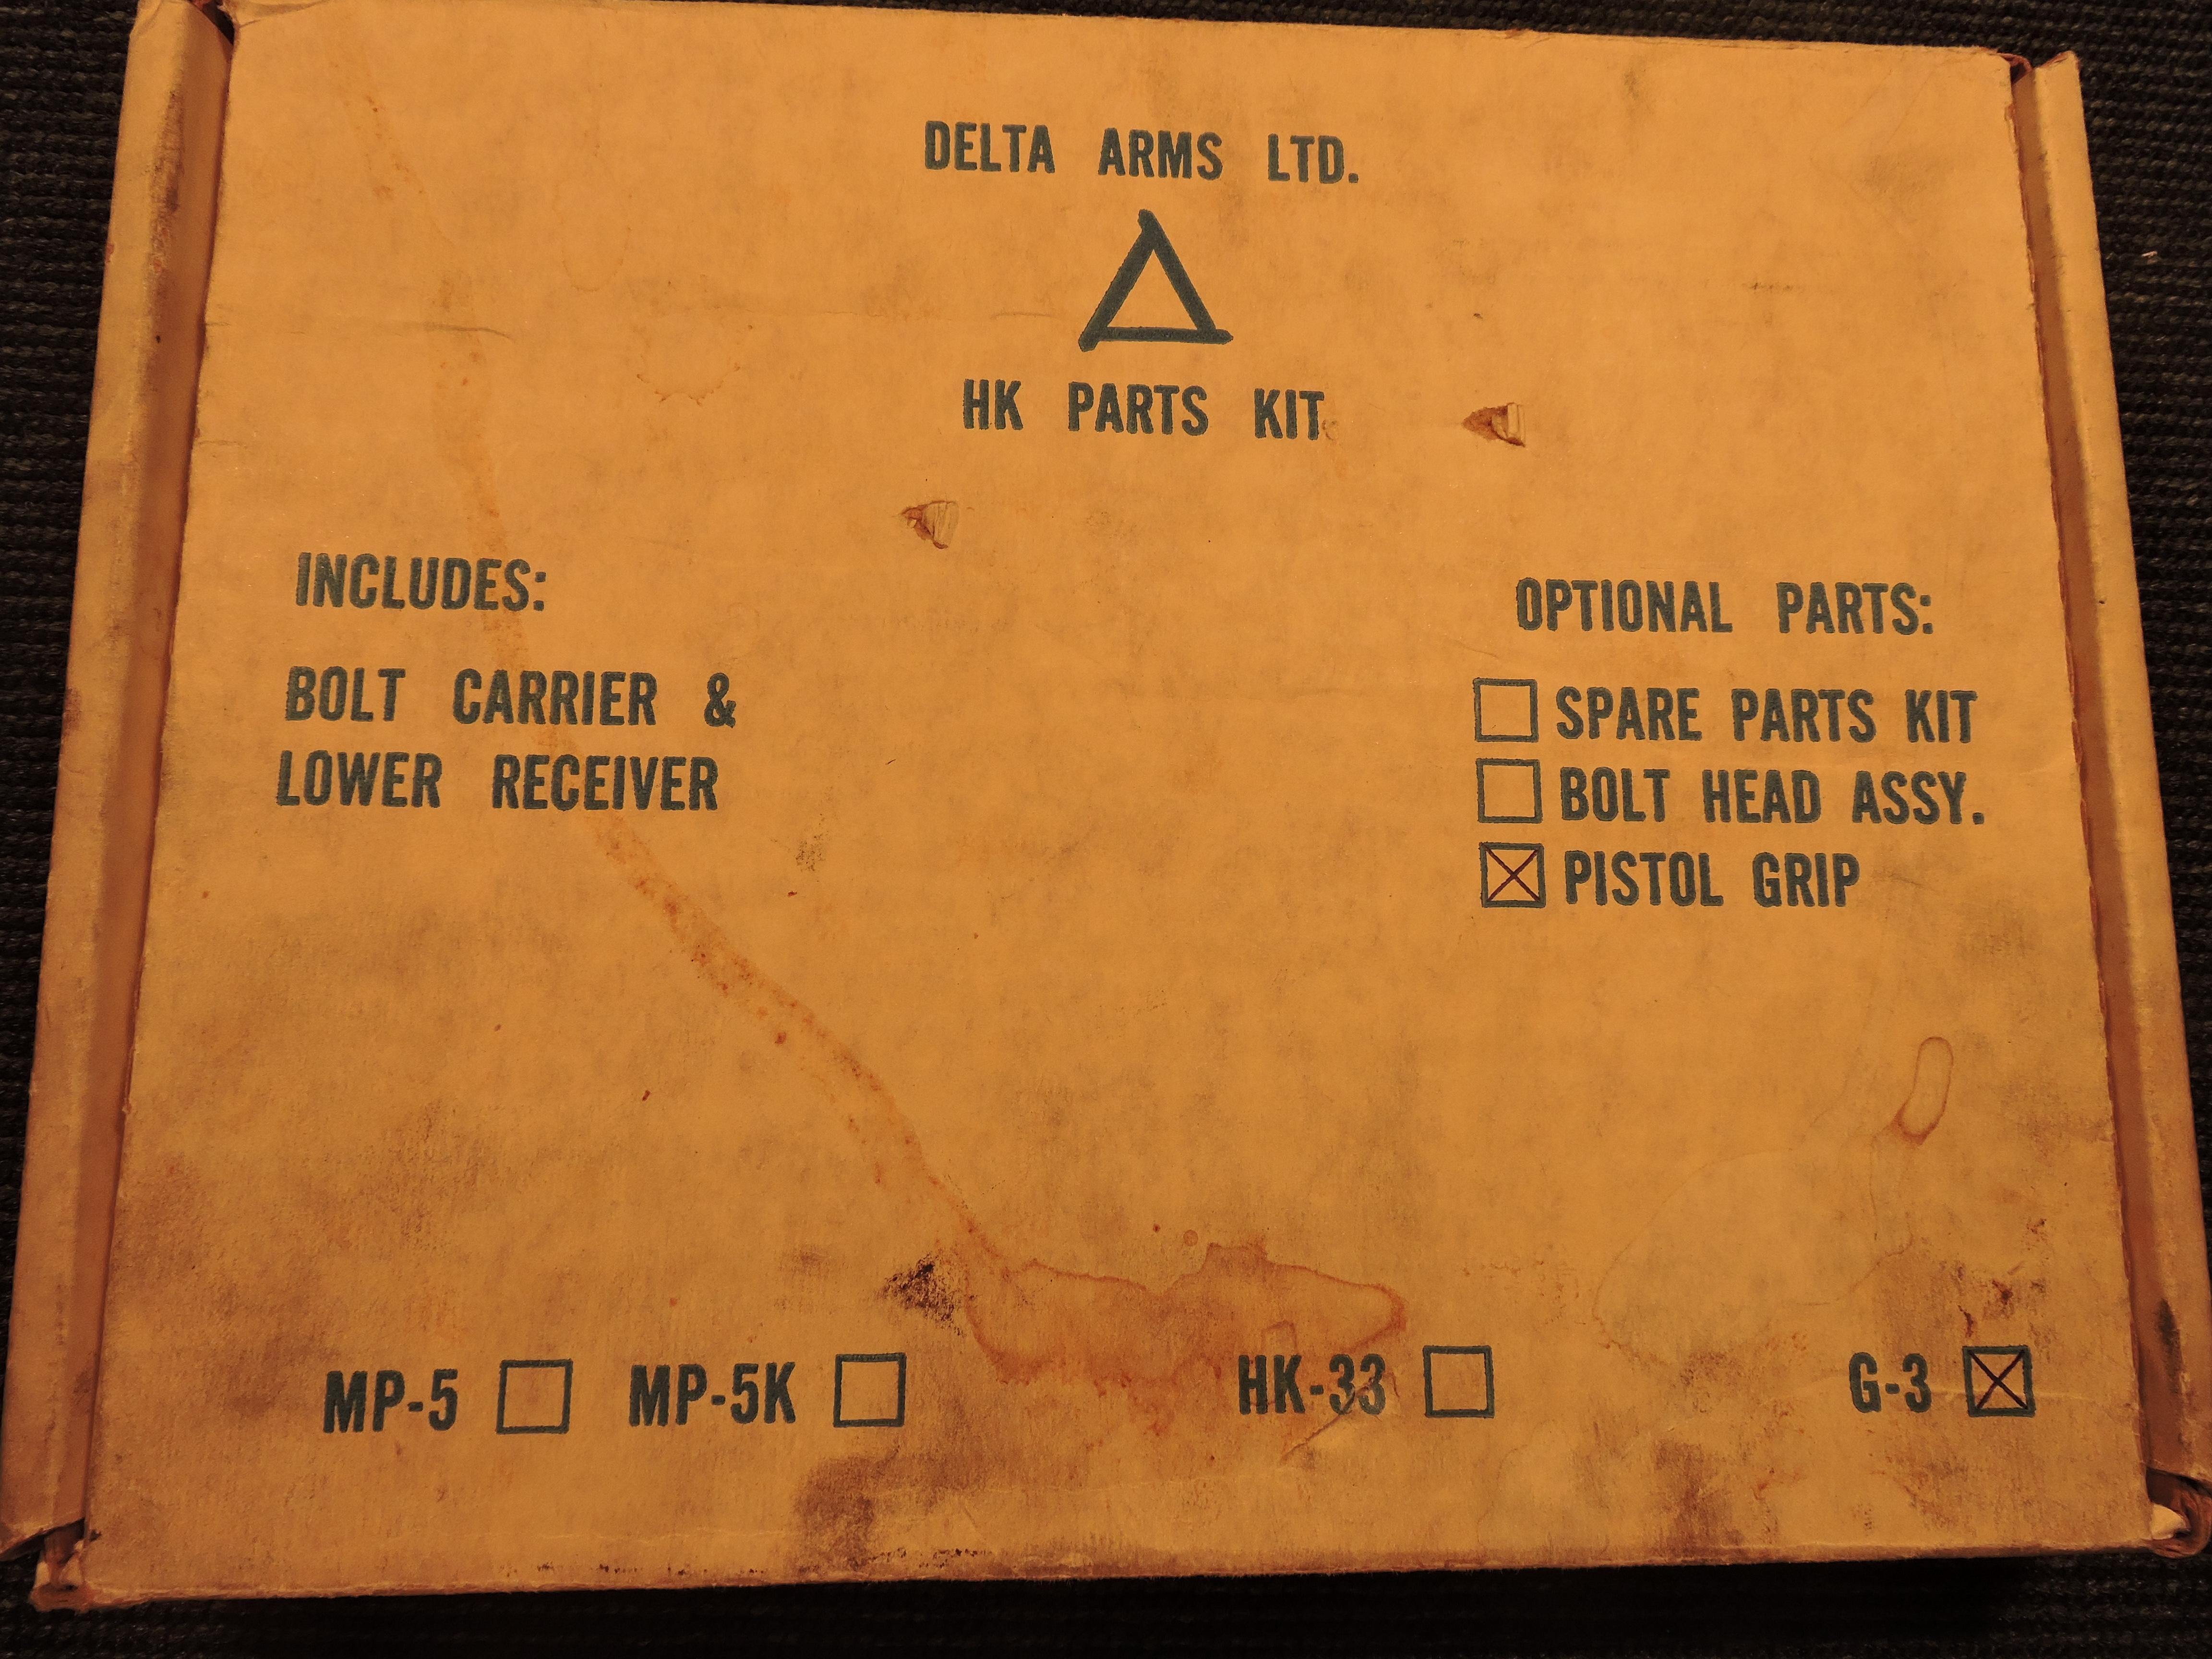 HK G-3 parts kit, in original box-dscn0087.jpg